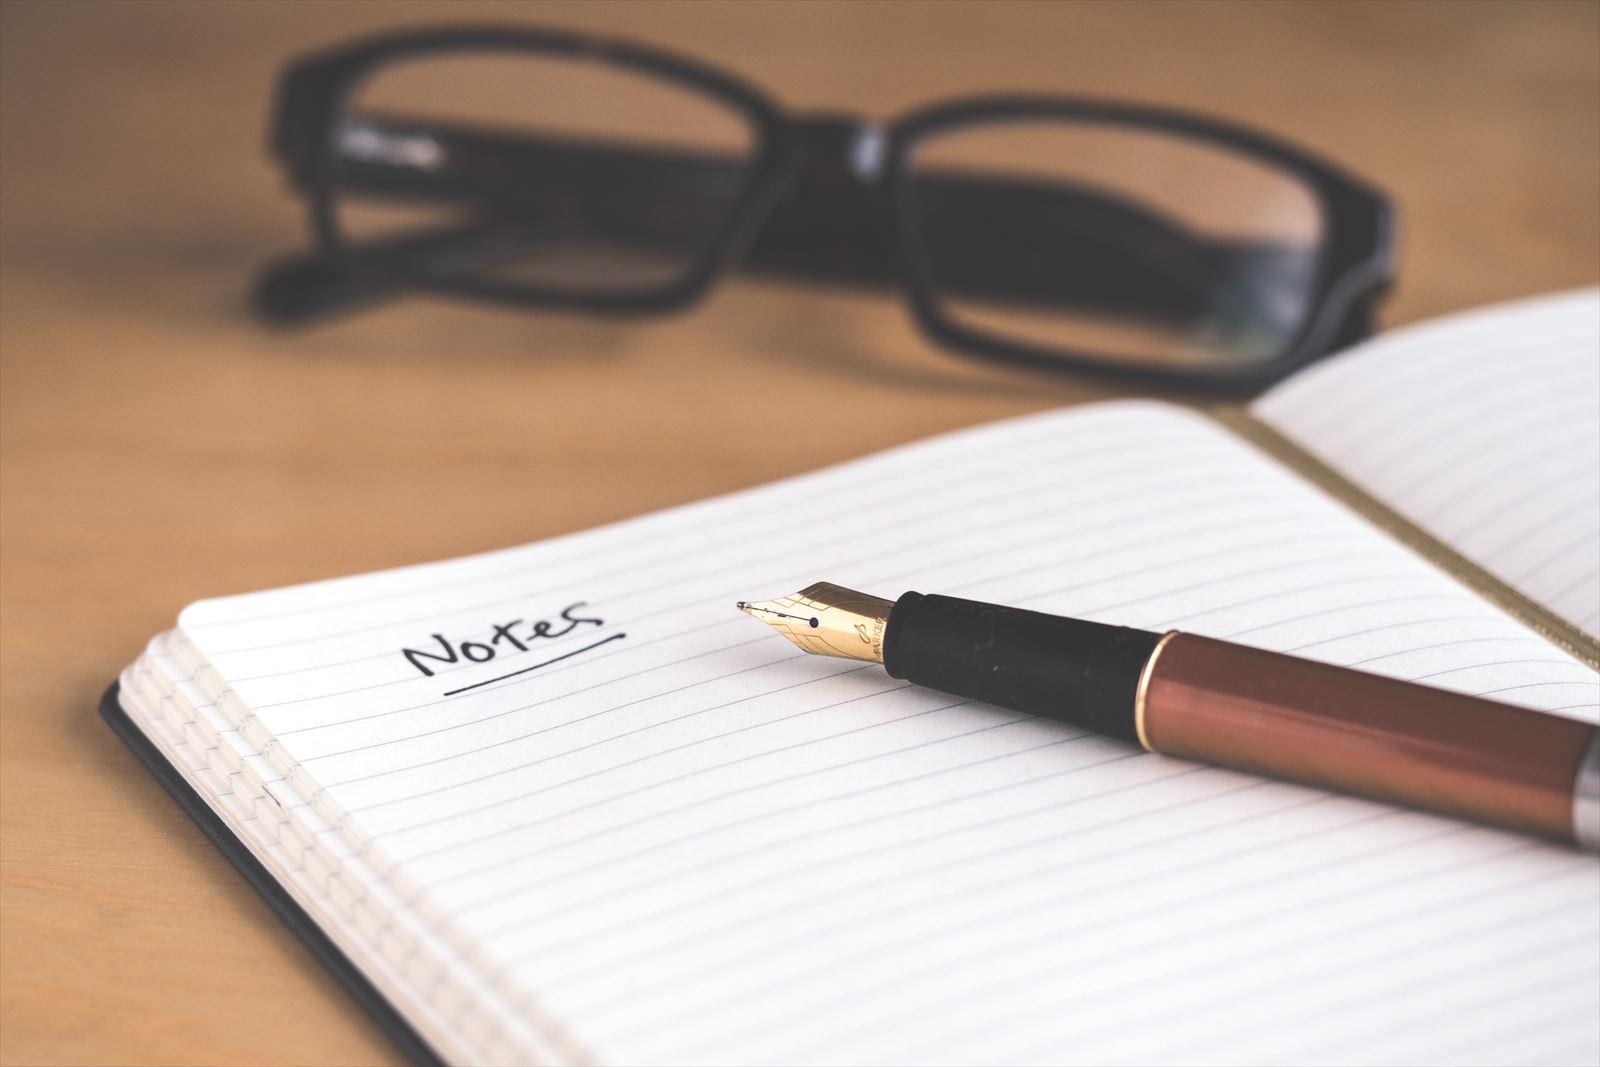 育休から復職までの流れと会社に確認すること・準備すること【MAMroom】